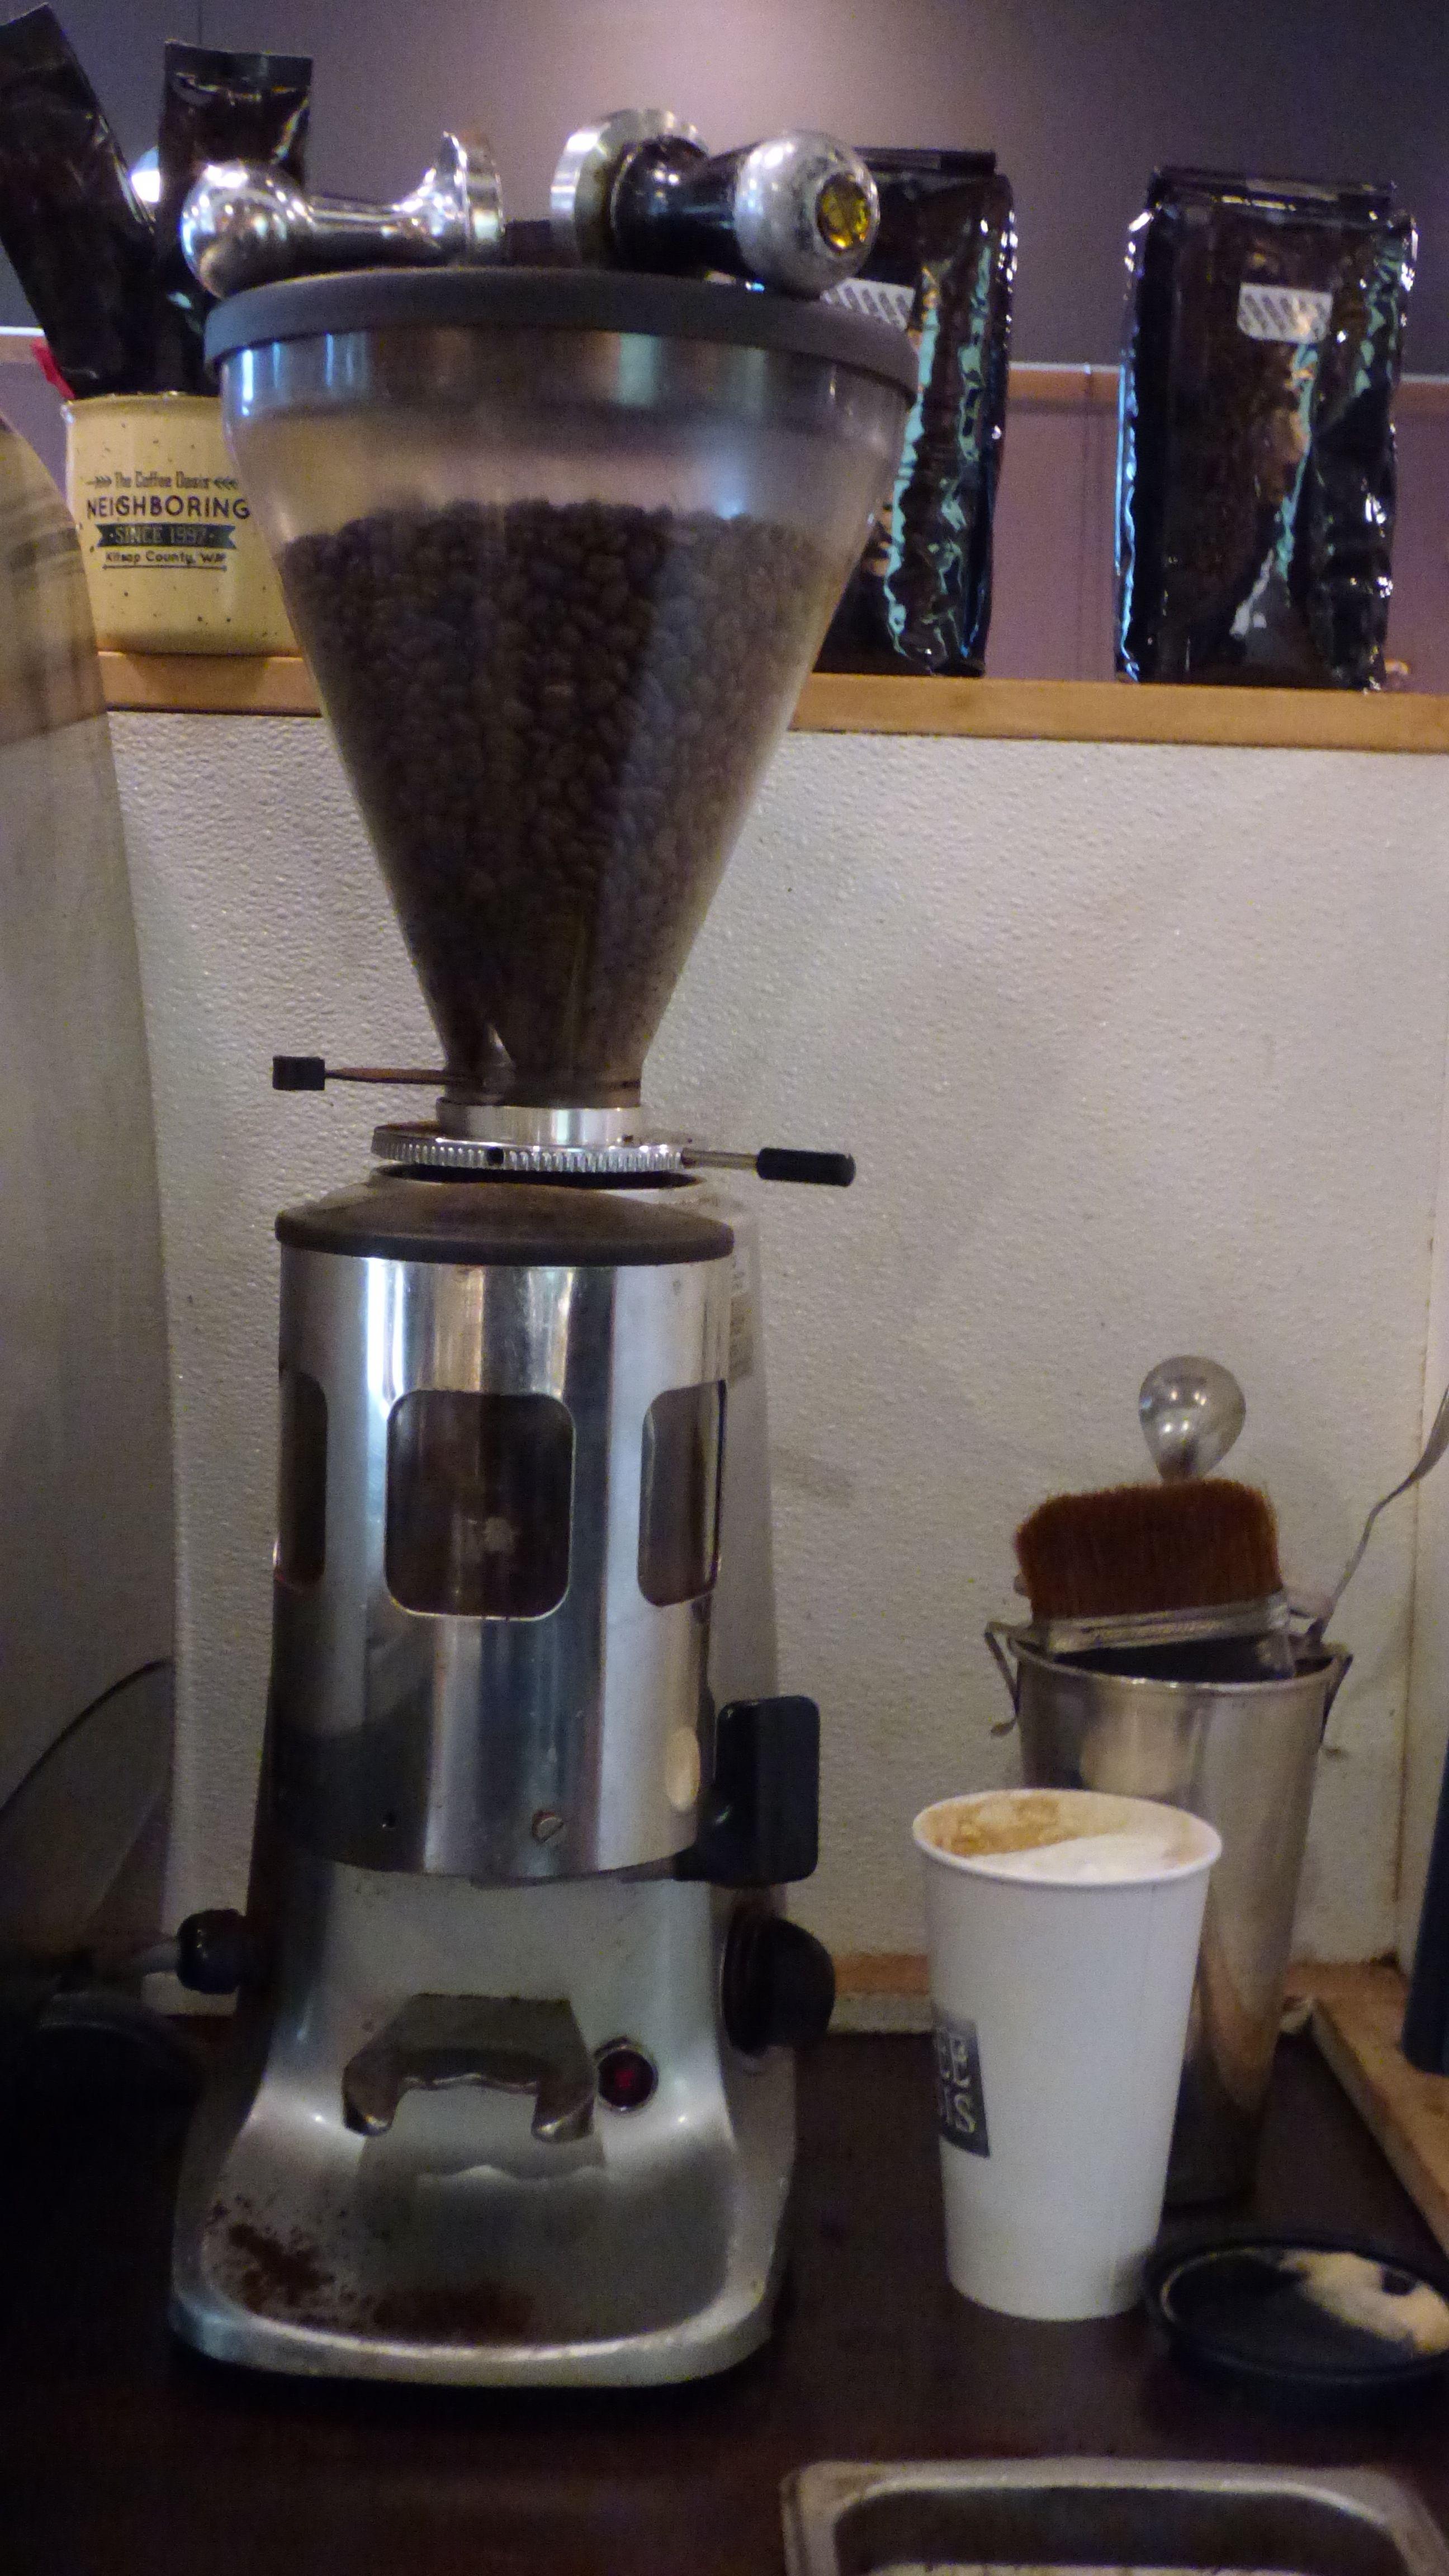 The Coffee Oasis Bremerton Coffee Bean Grinder Kitsap Charity Kitsapcares Bremerton Poulsbo Port Orc Coffee Shop Business Coffee Bean Grinder Coffee Shop